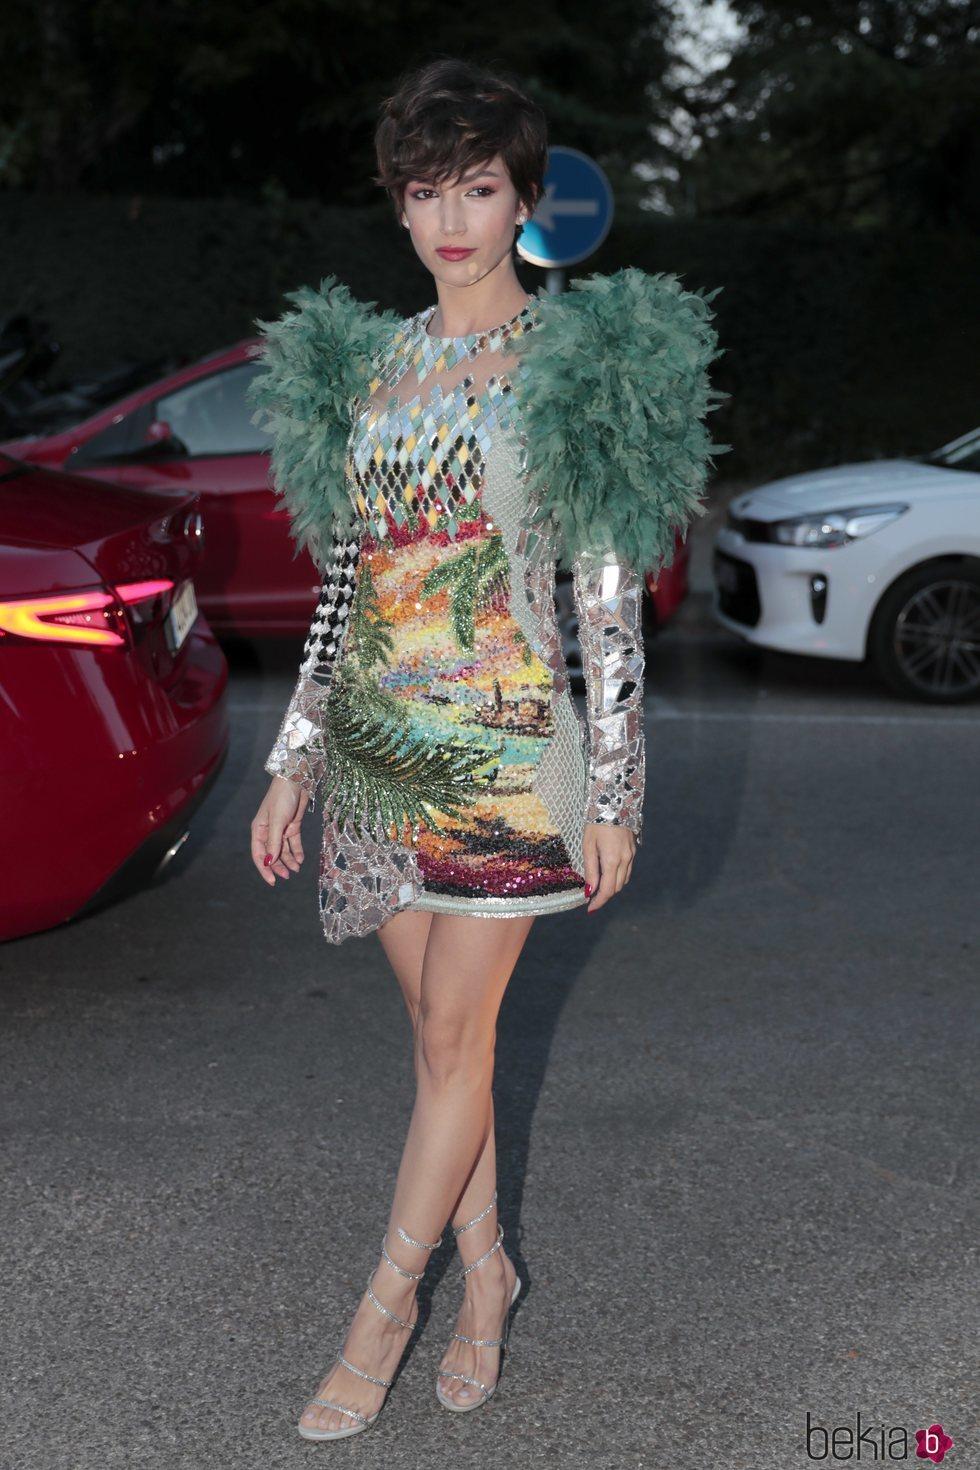 Úrsula Corberó a la entrada la fiesta del 30 aniversario de Vogue